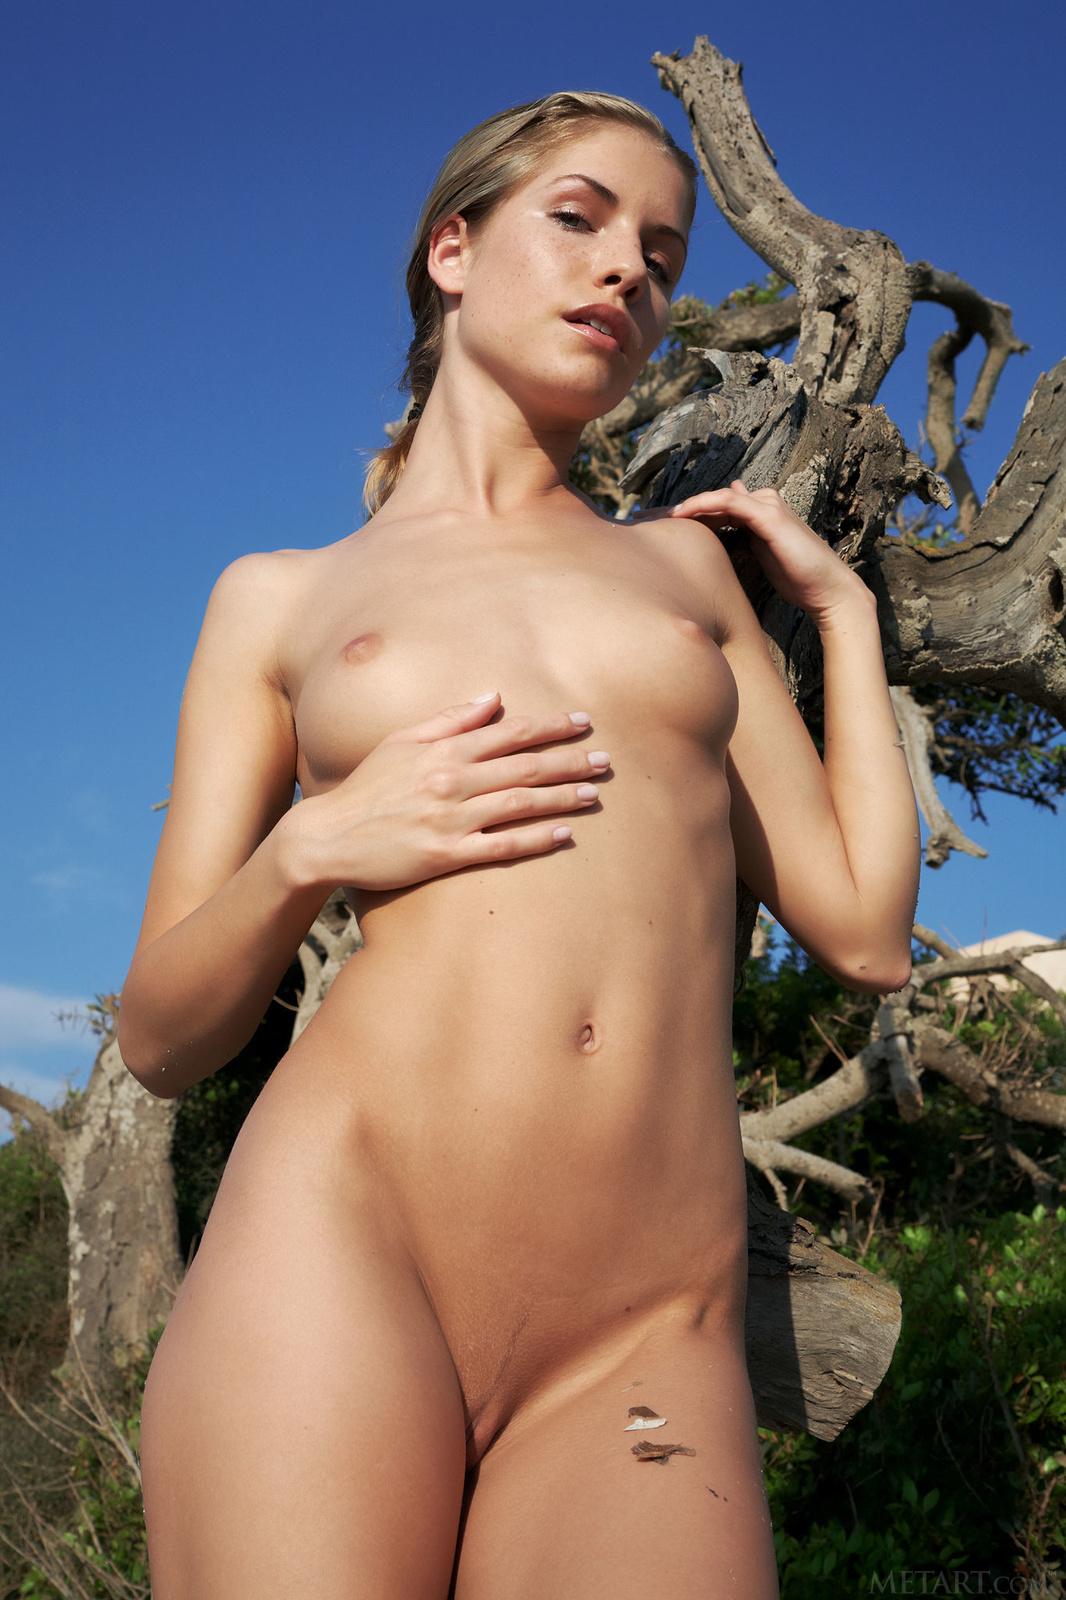 Zdjęcie porno - 0718 - Zgrabne pośladki i mały biust